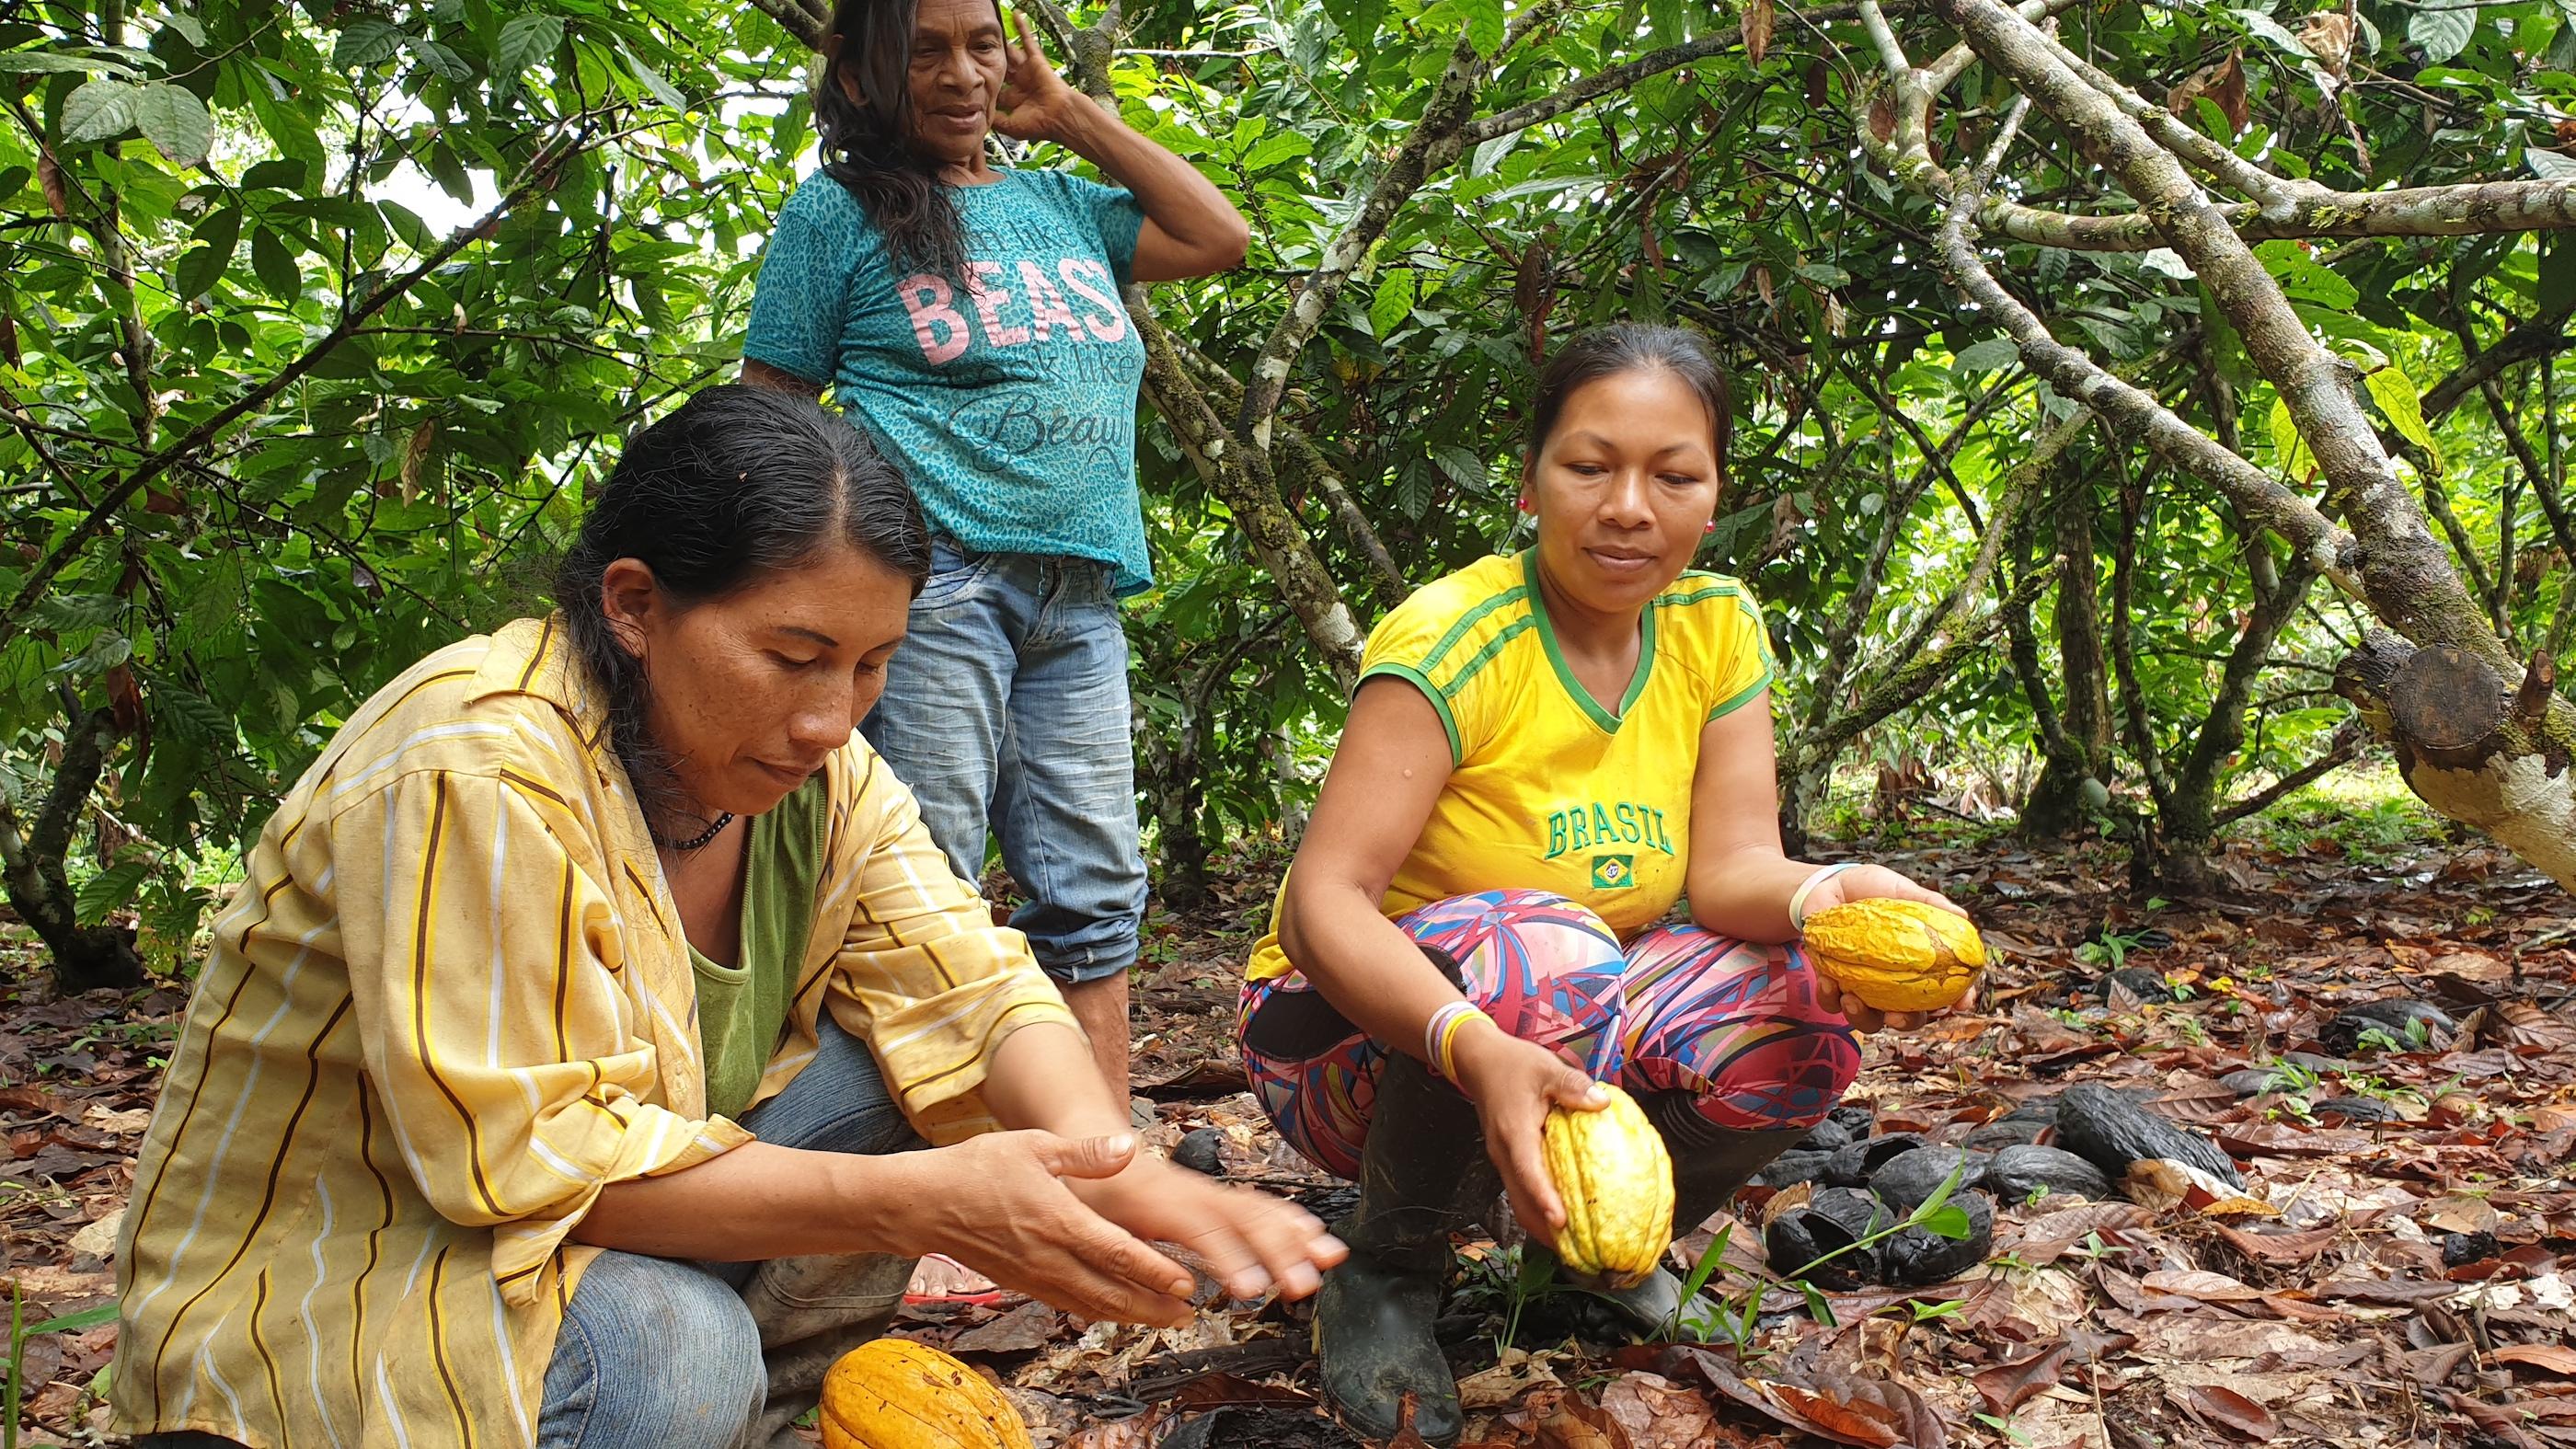 Las mujeres waoranis jugaron un rol trascendental en la definición del proyecto Chocolate para la Conservación. Foto: Ecociencia.